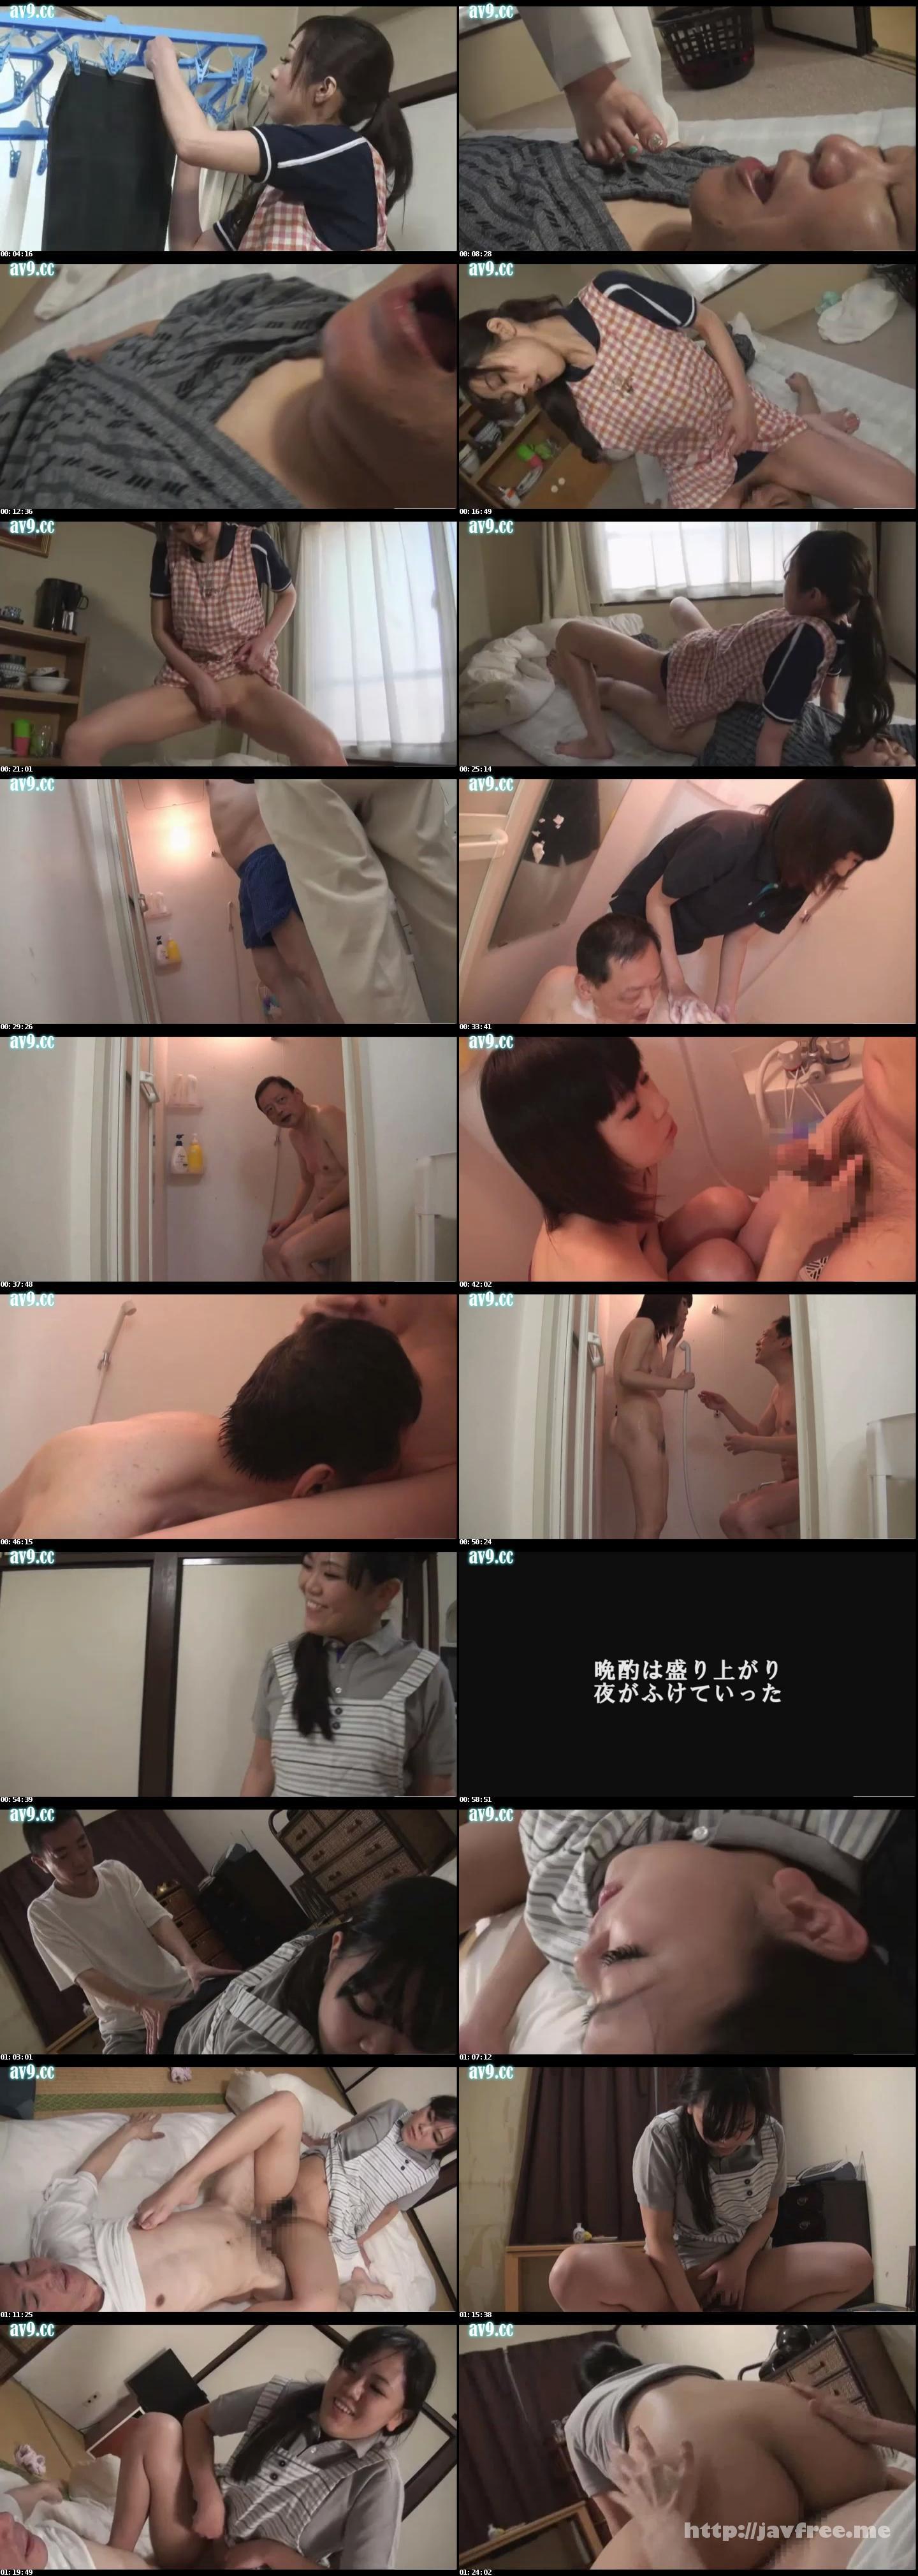 [OIZA-029] 高身長お姉さんのドS介護で逝かせておくれ 豊嶋春